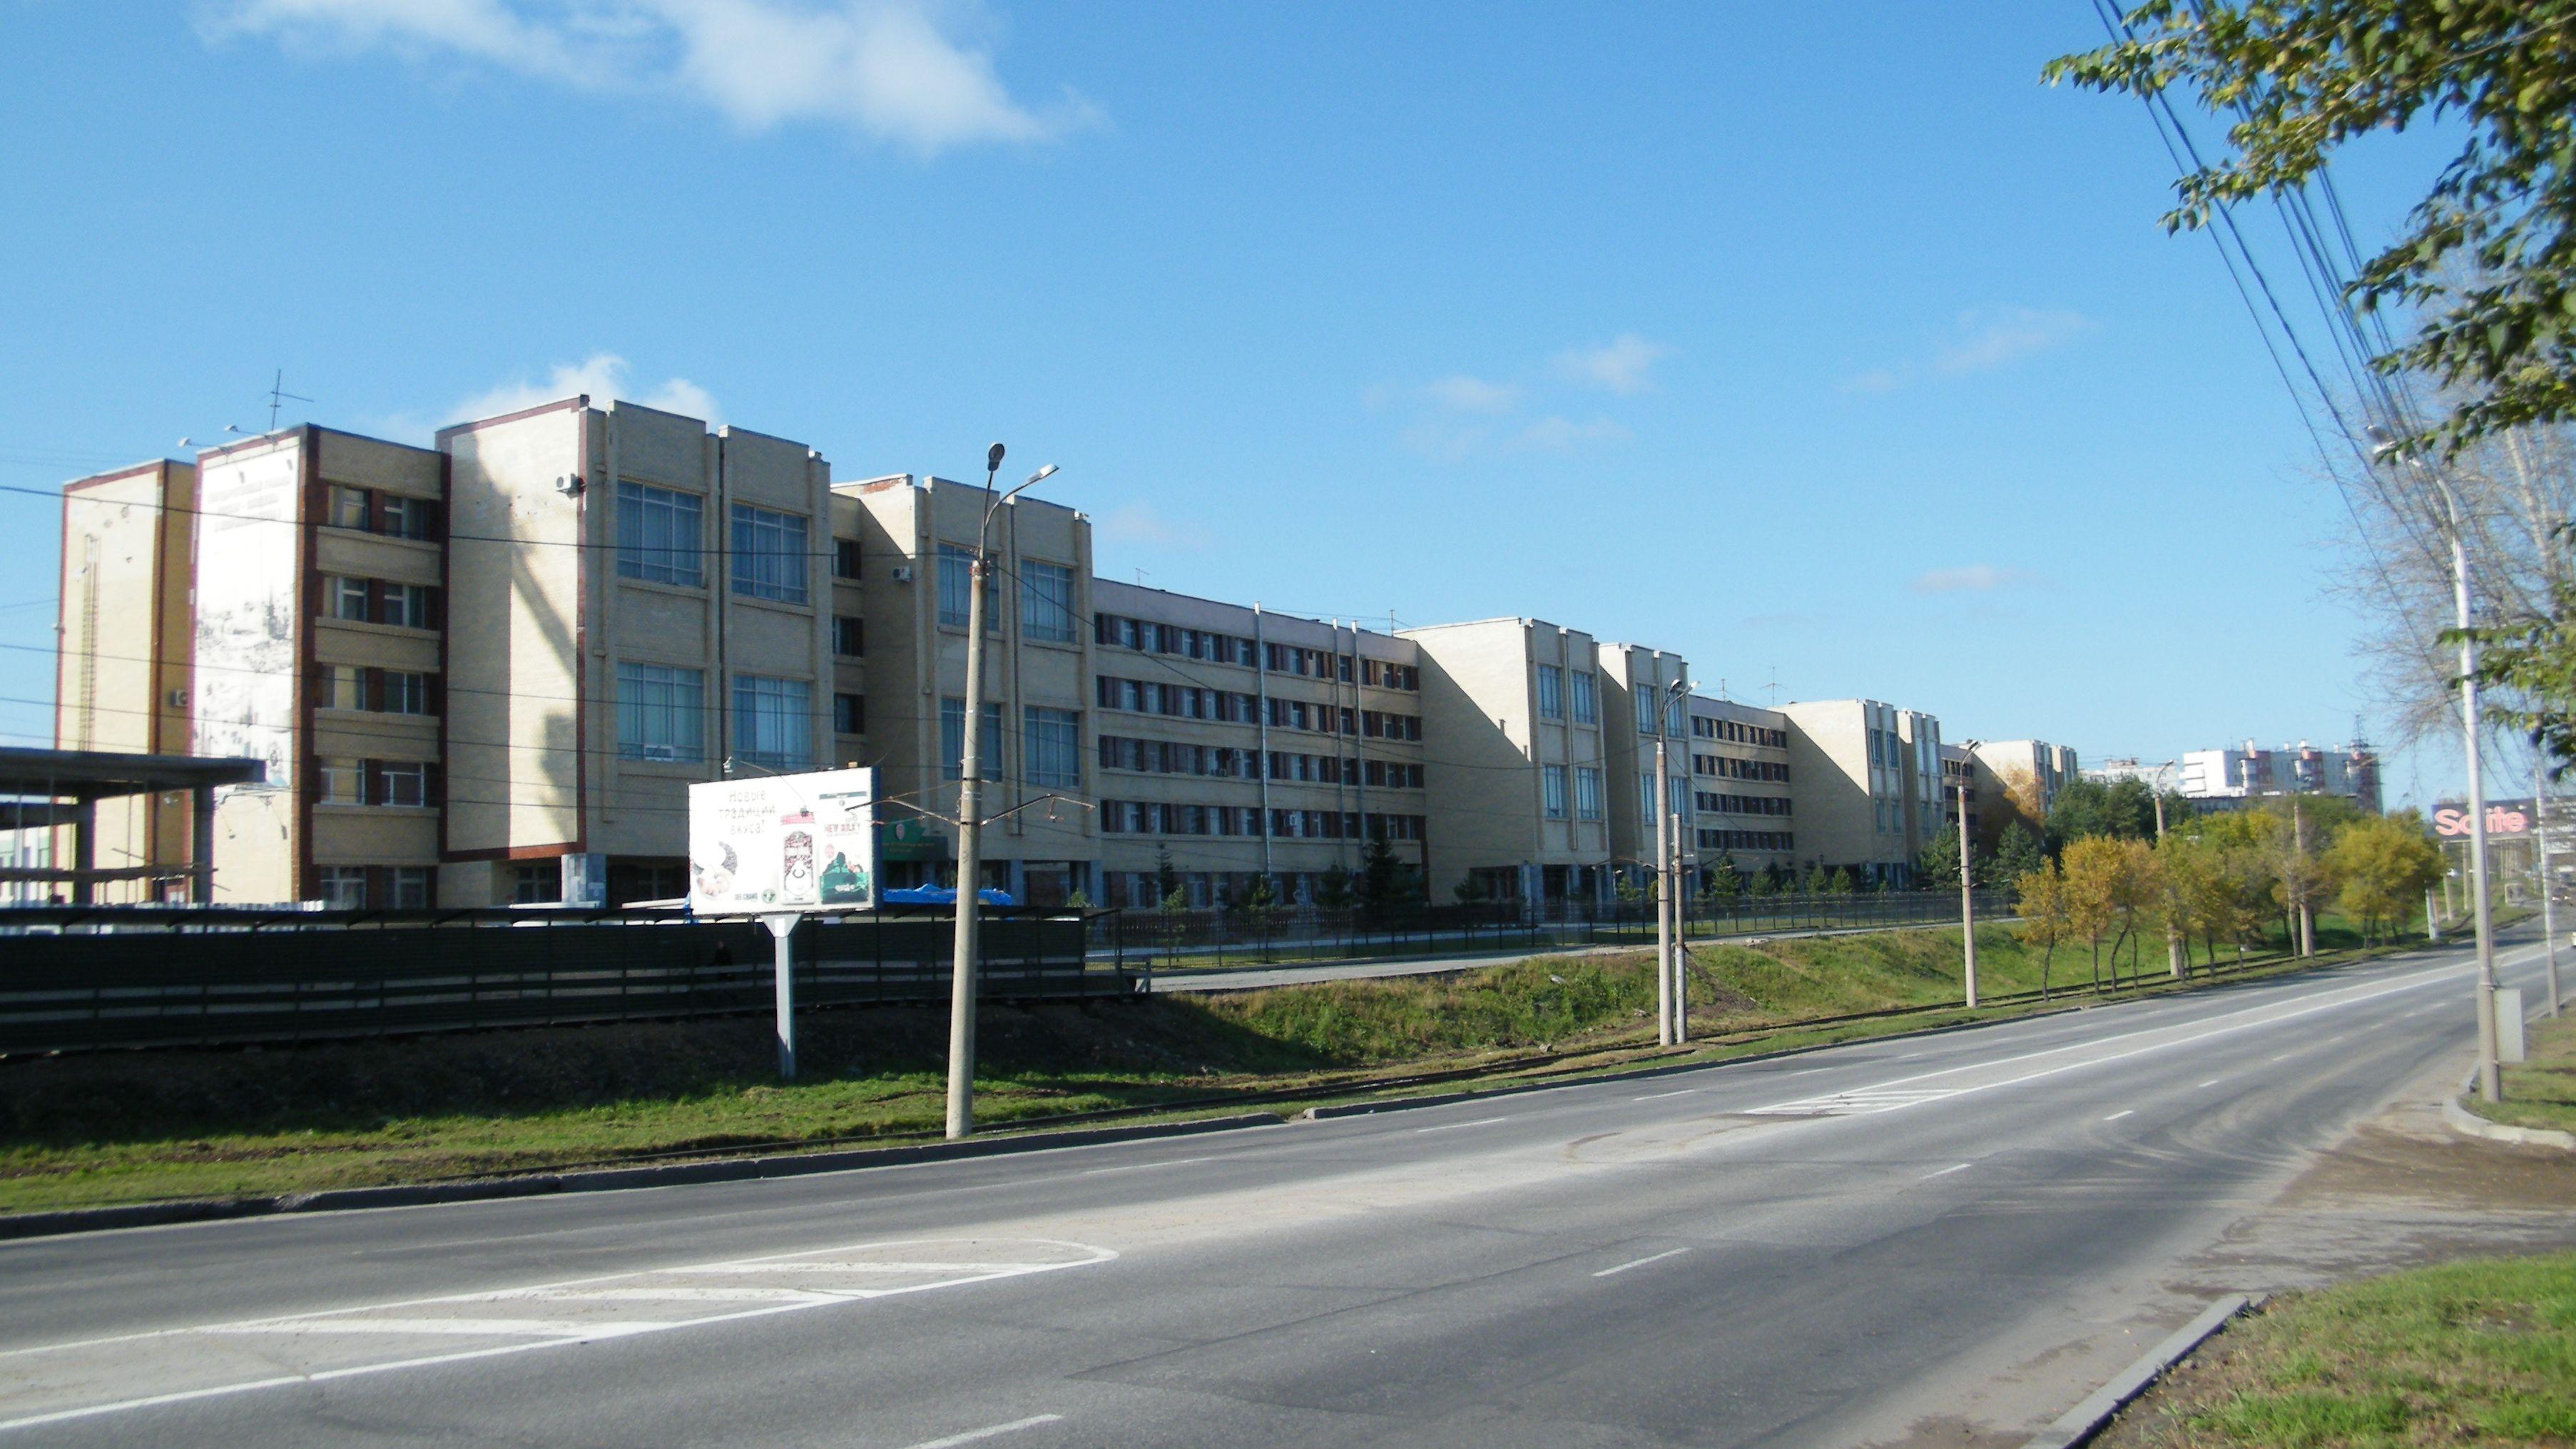 Хабаровский пограничный институт ФСБ РФ